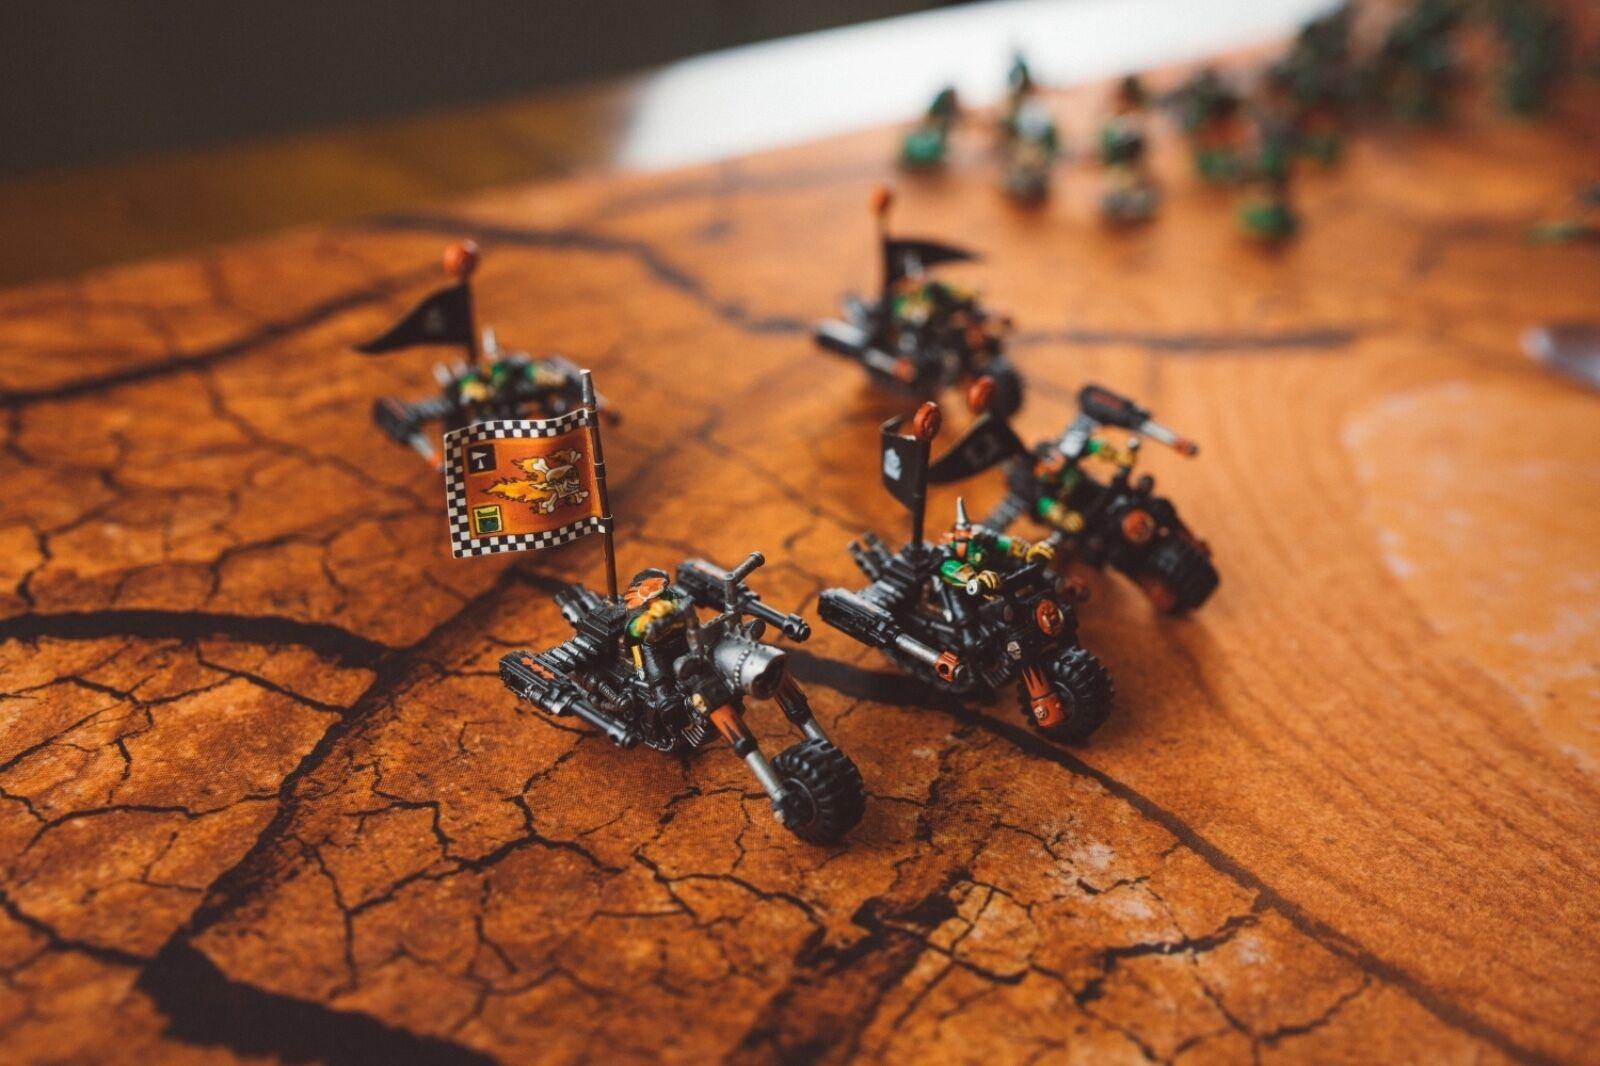 spel Mat 6 X 4 Purgatory, stort för Aos, Warhammer, 40K - Terrain slåssmat